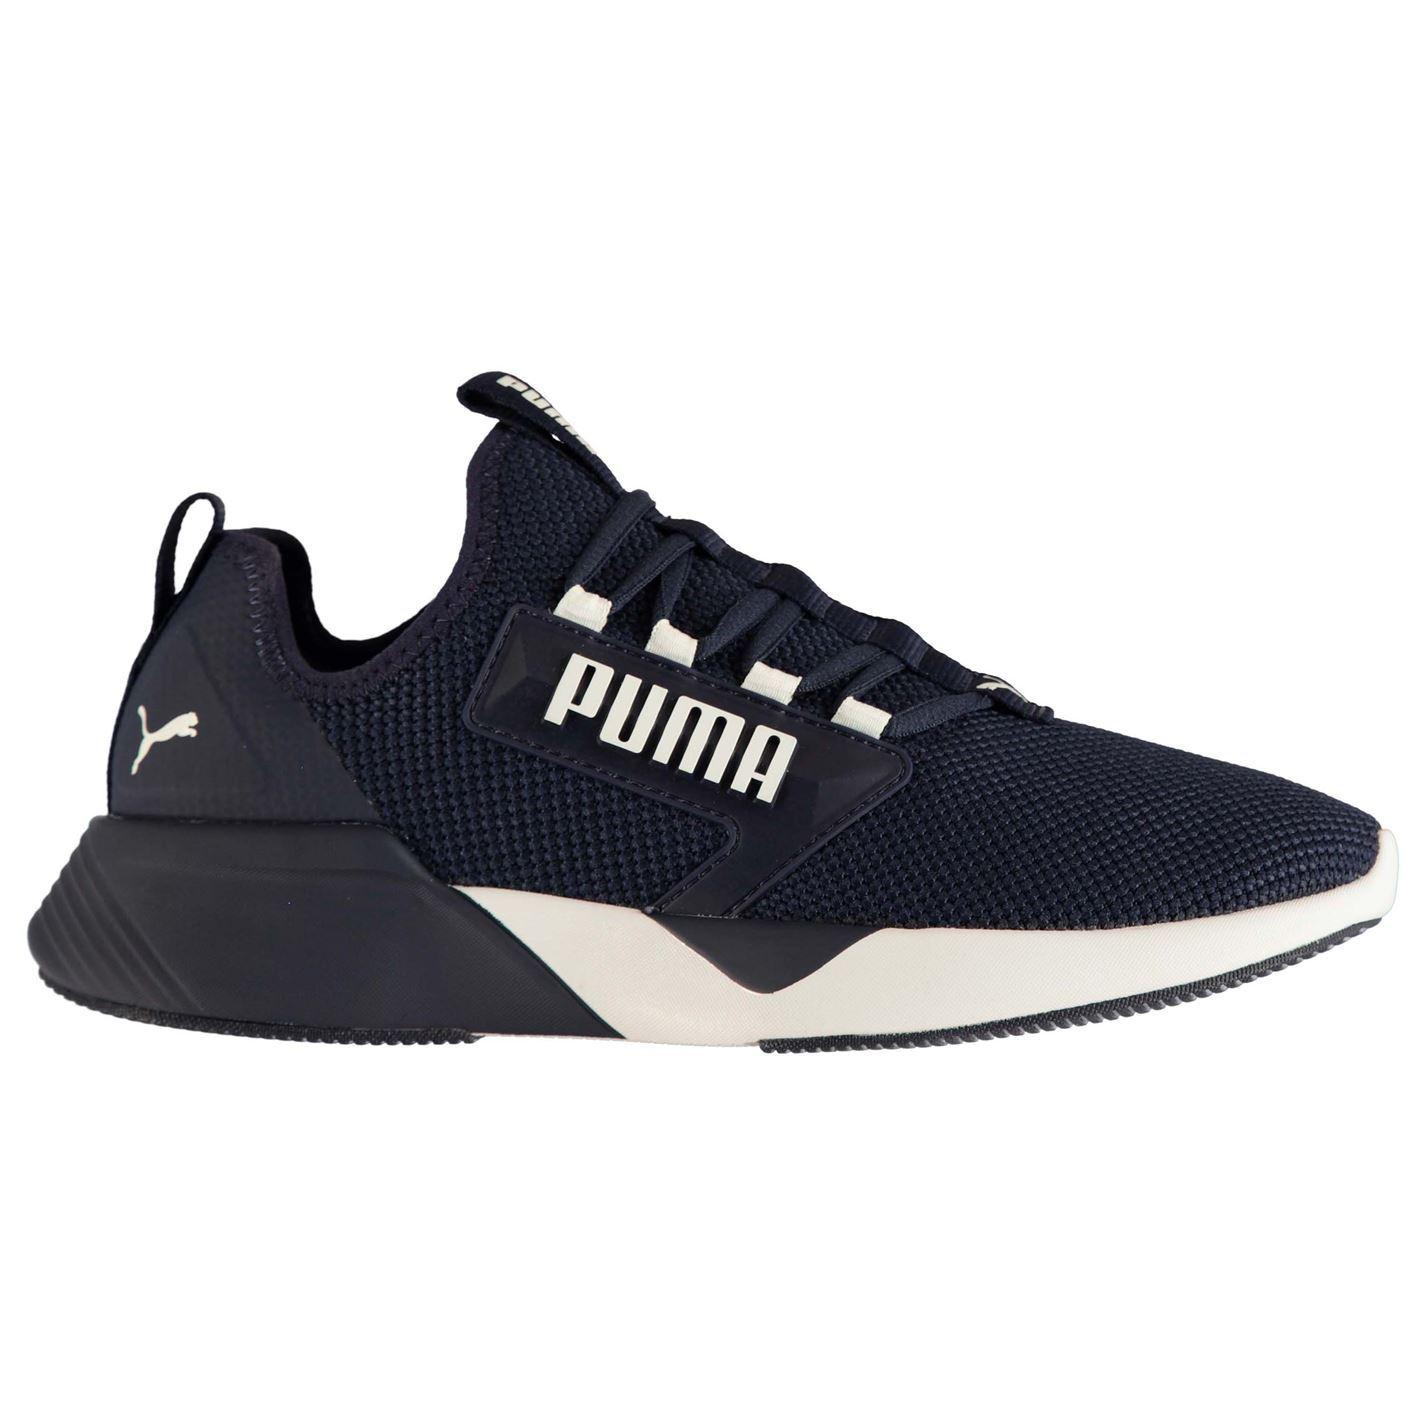 online store b7c0e 73159 Dettagli su Puma Retaliate Scarpe da Corsa Uomo Fitness Jogging Ginnastica  Sneakers